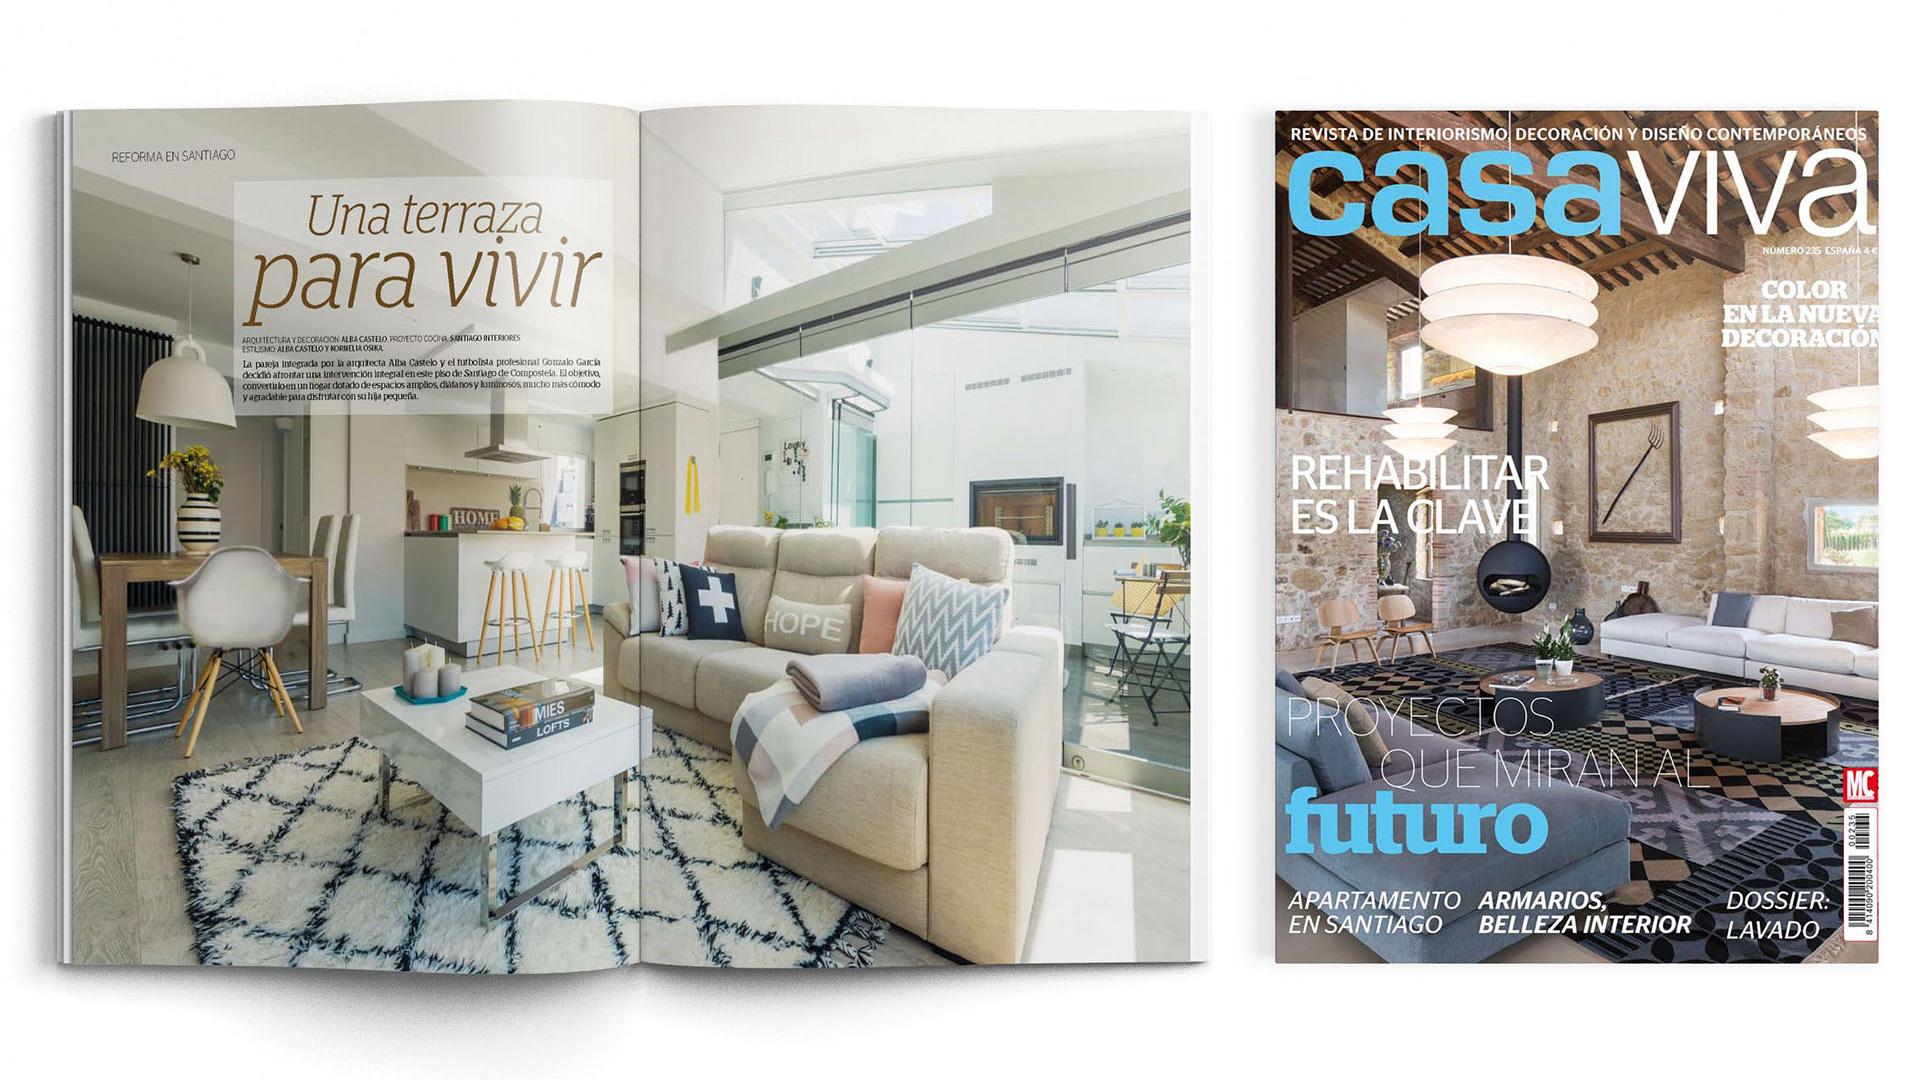 Santiago Interiores en los medios: una cocina abierta | Cocinas Santos | Santiago Interiores | Publicación en Casa Viva